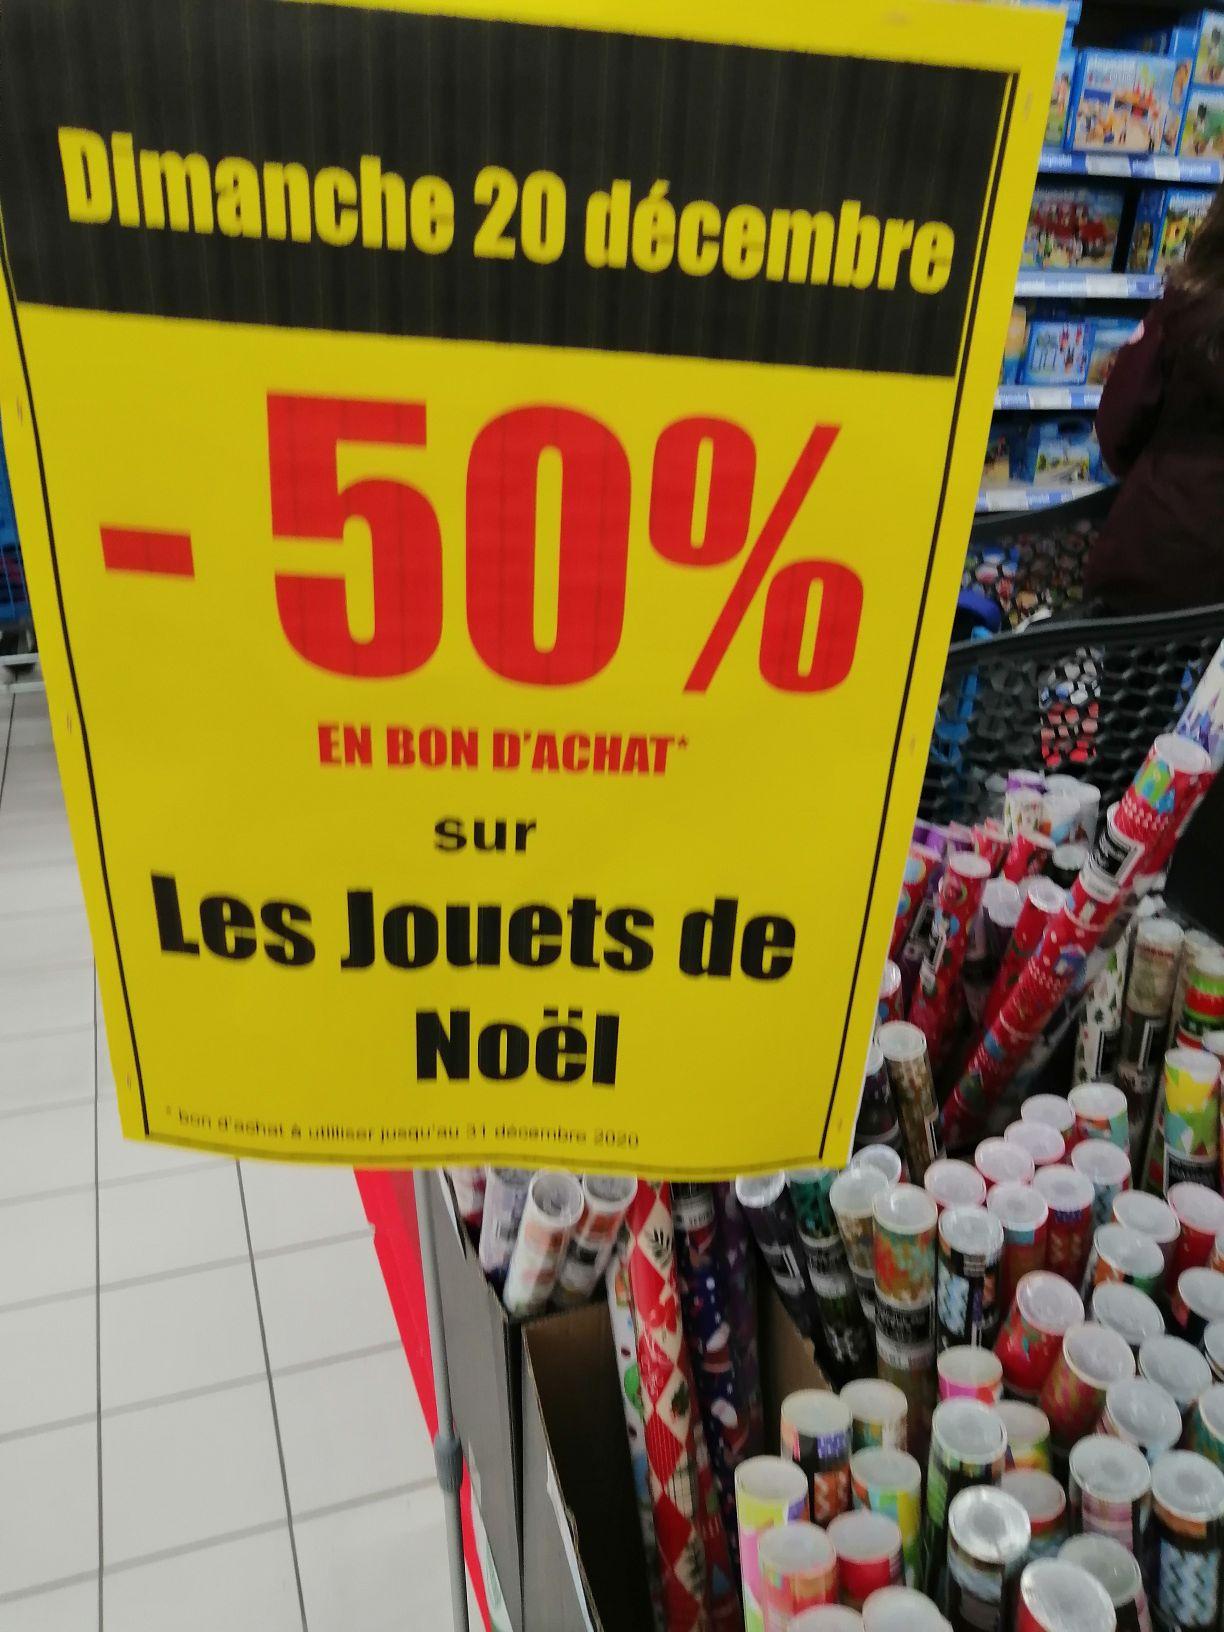 50% offerts en bon d''achat sur le rayon Jouets - Vallet (44)